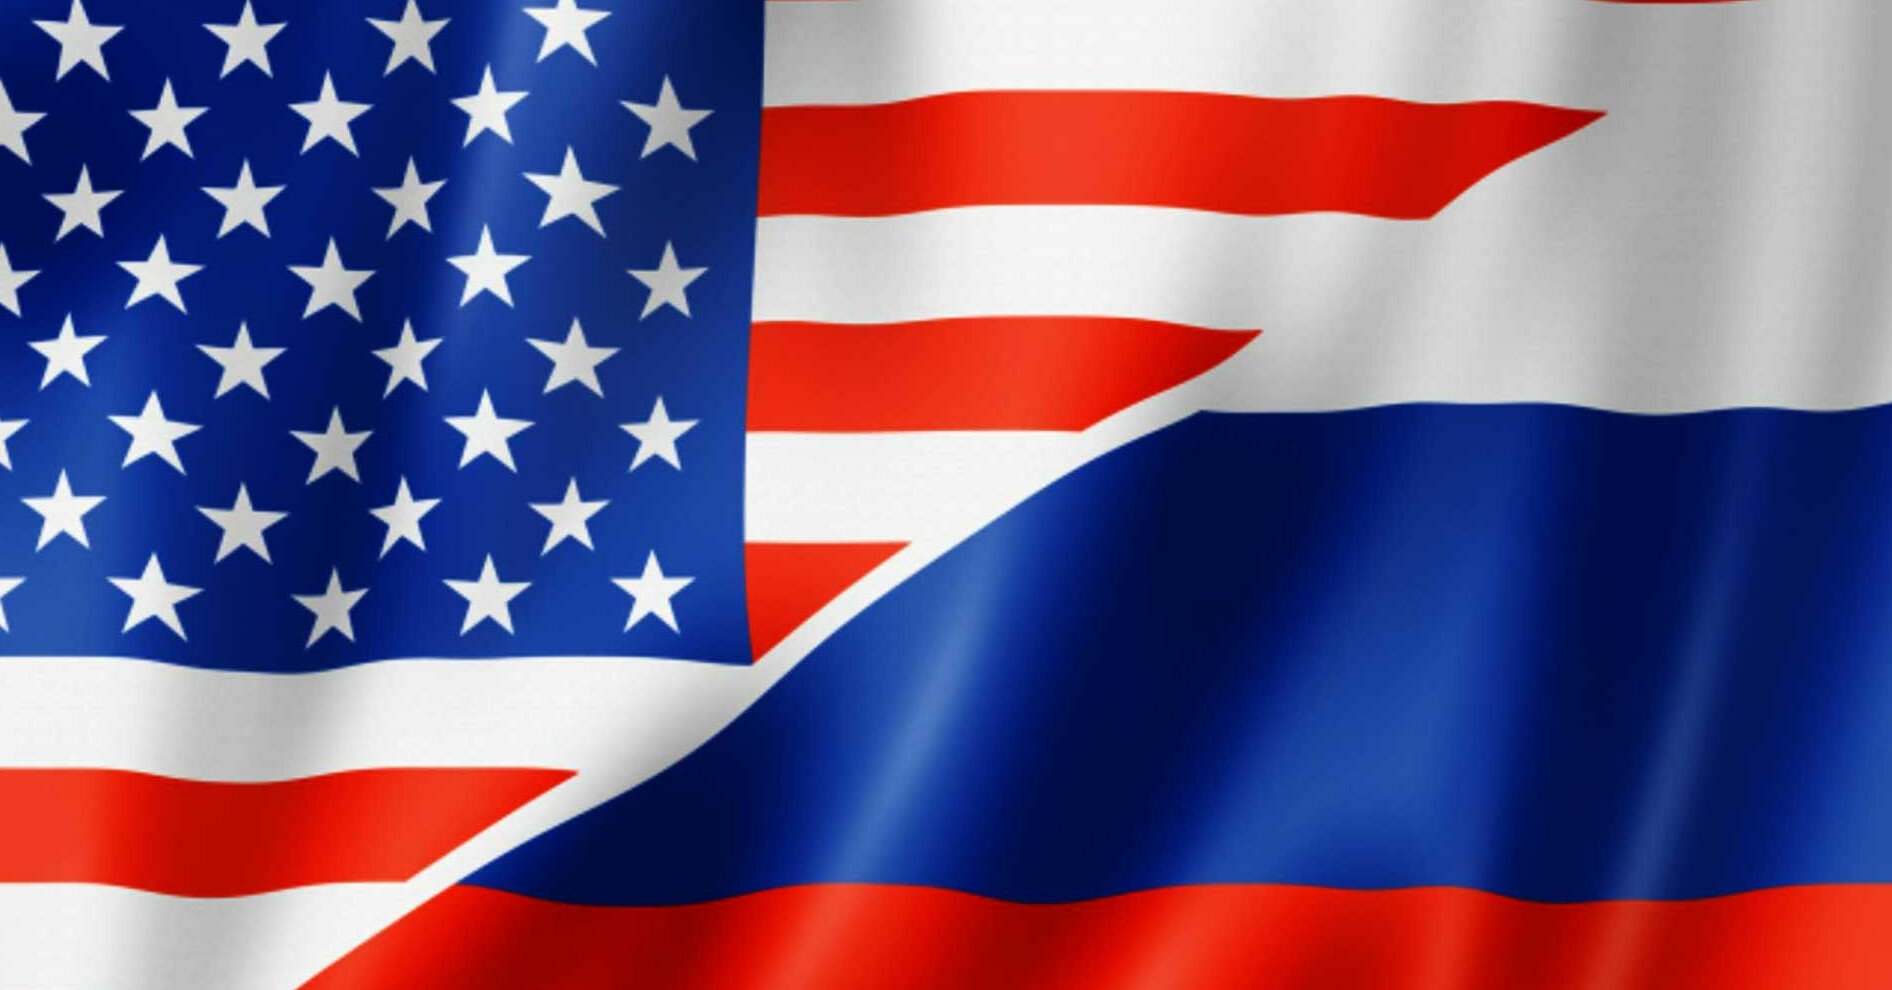 Ответ на cанкции: Россия вышлет 10 дипломатов США